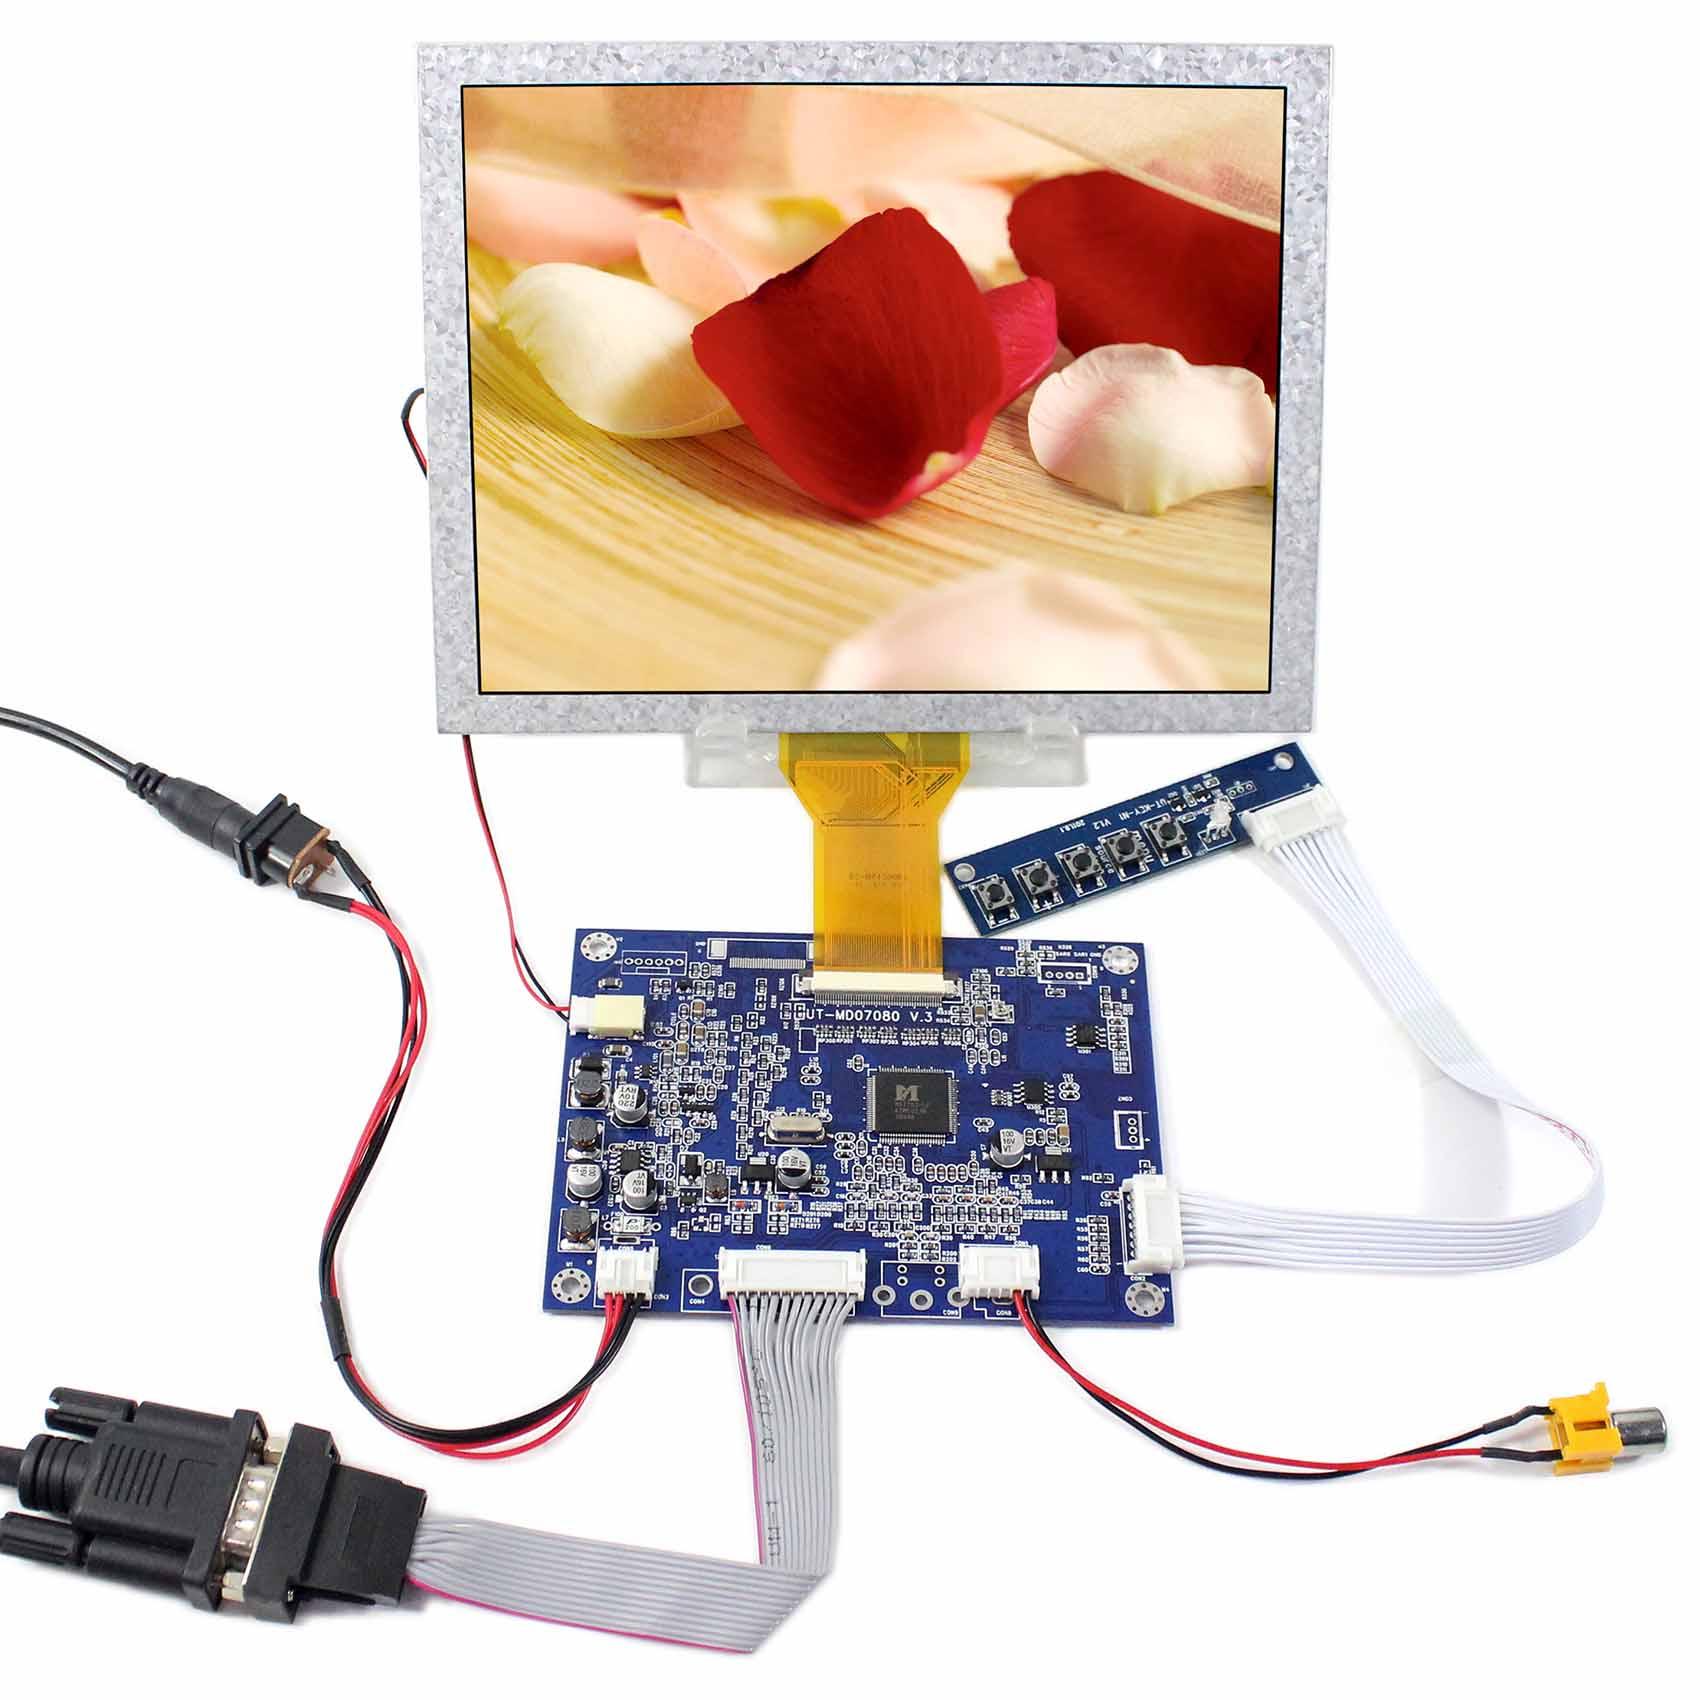 """8 colių 800x600 EJ080NA-05A skystųjų kristalų ekranas Su """"VGA AV LCD"""" valdiklio plokštė """"DIY"""" LCD monitorius"""